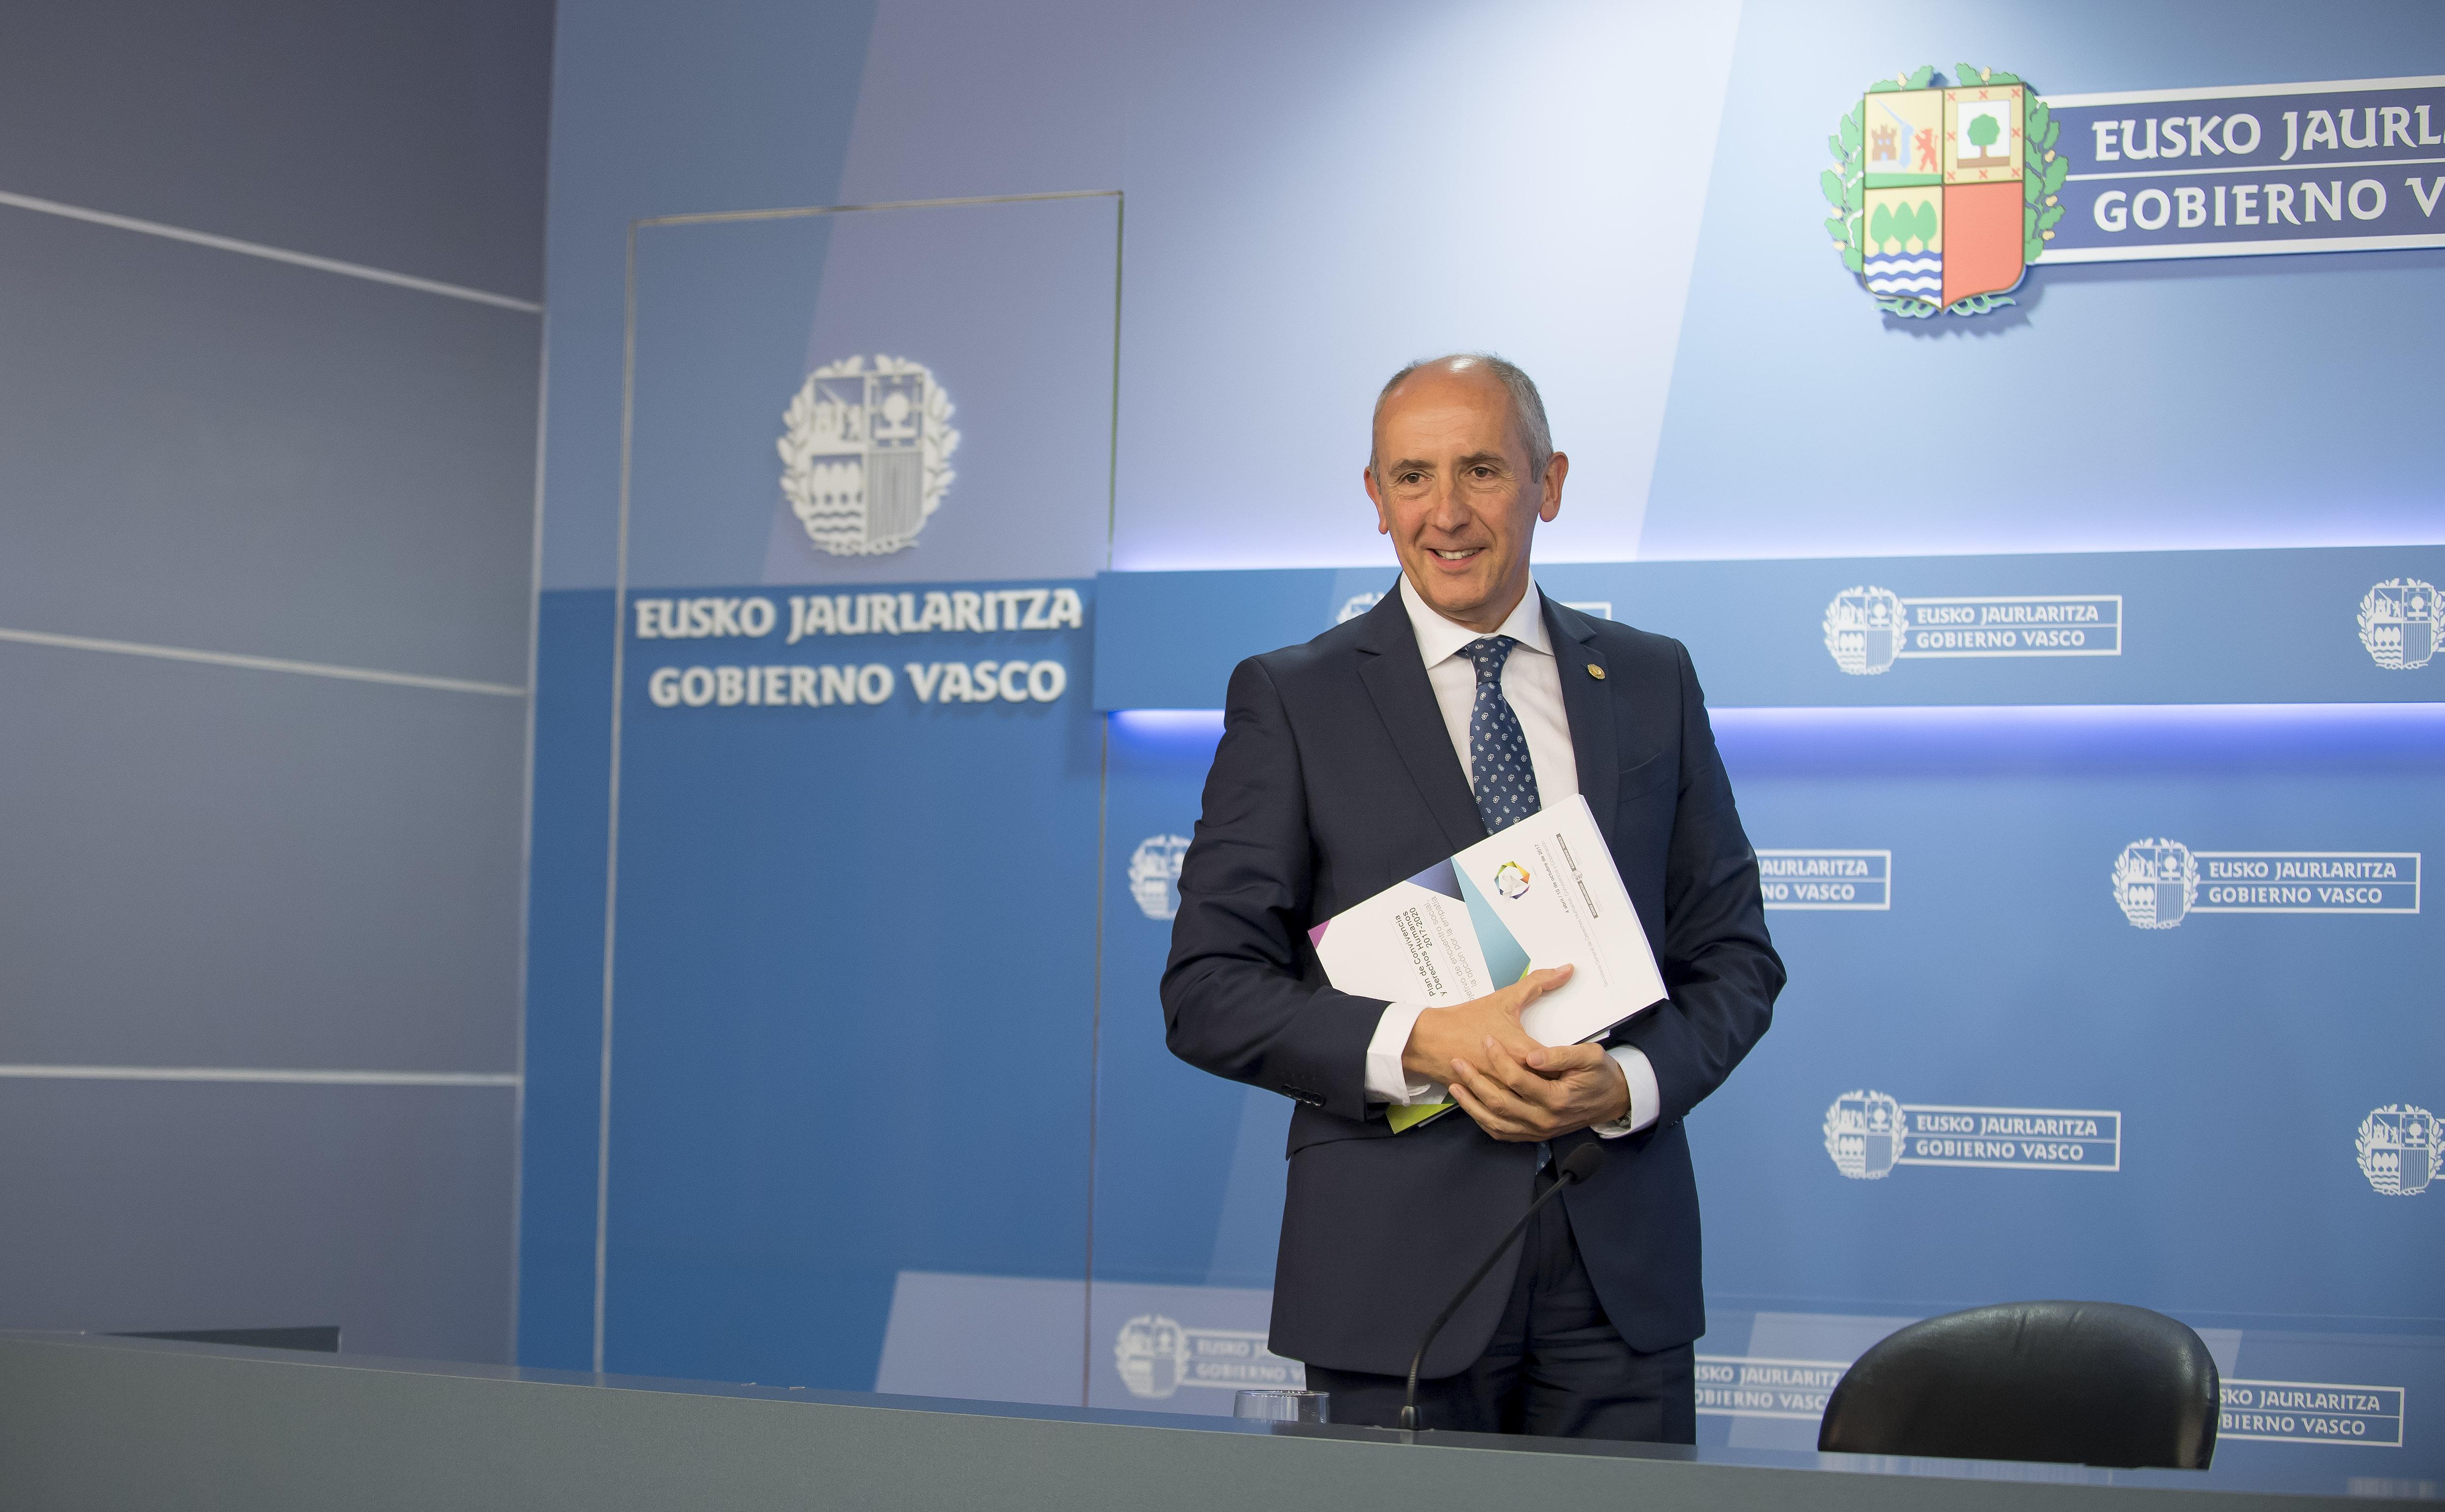 El Gobierno Vasco aprueba el Plan de Convivencia y Derechos Humanos 2017-2020 con la incorporación de 26 aportaciones